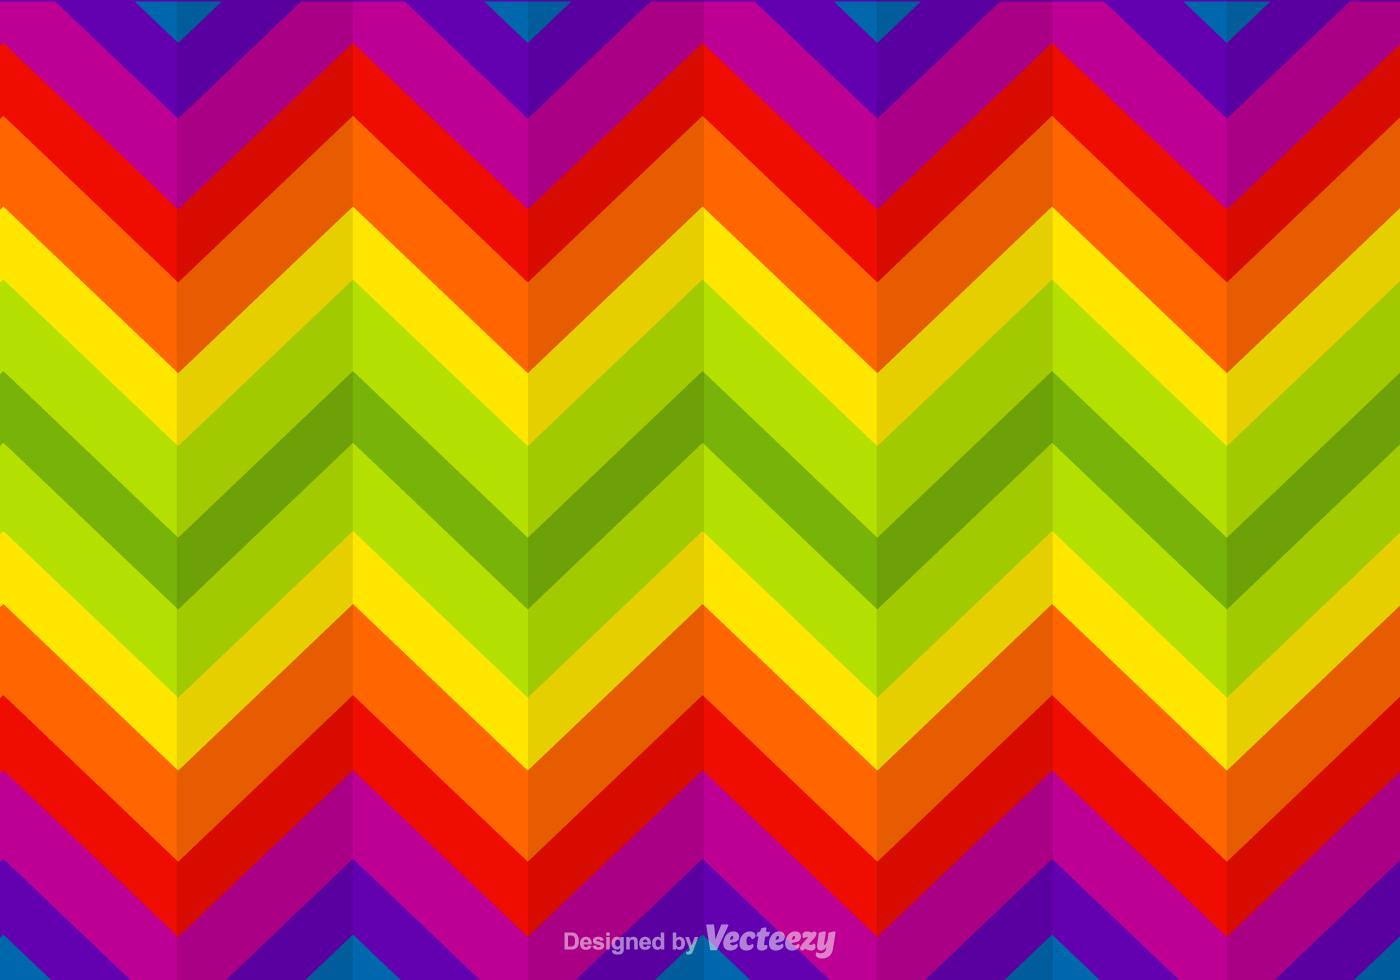 Zigzag Rainbow Vector Background - Download Free Vector